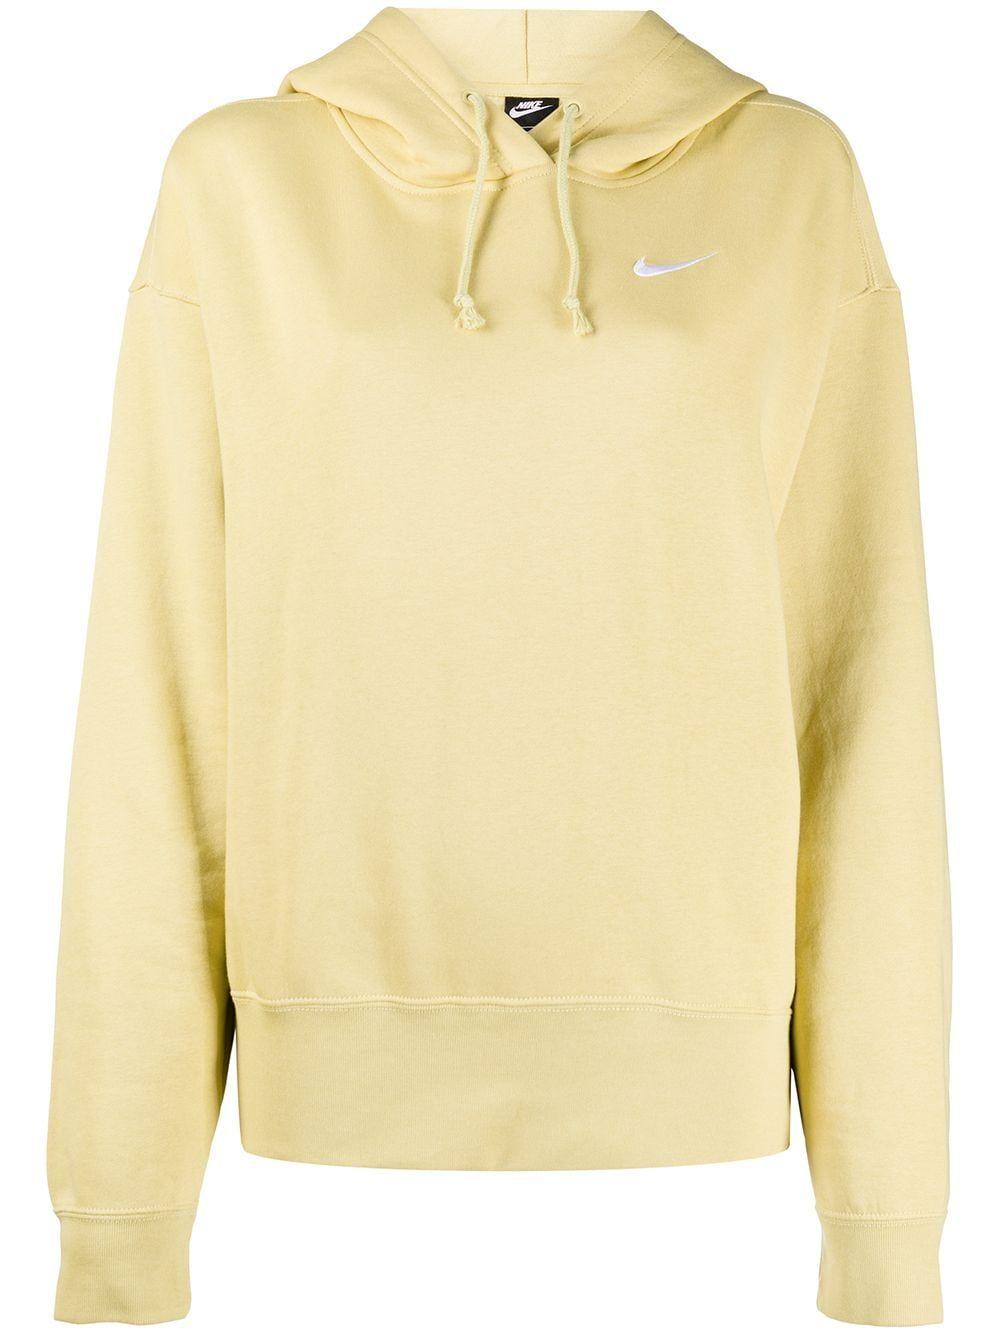 Nike Nsw Fleece Hoodie Farfetch Hoodies Fleece Hoodie Fleece Pullover Womens [ 1334 x 1000 Pixel ]